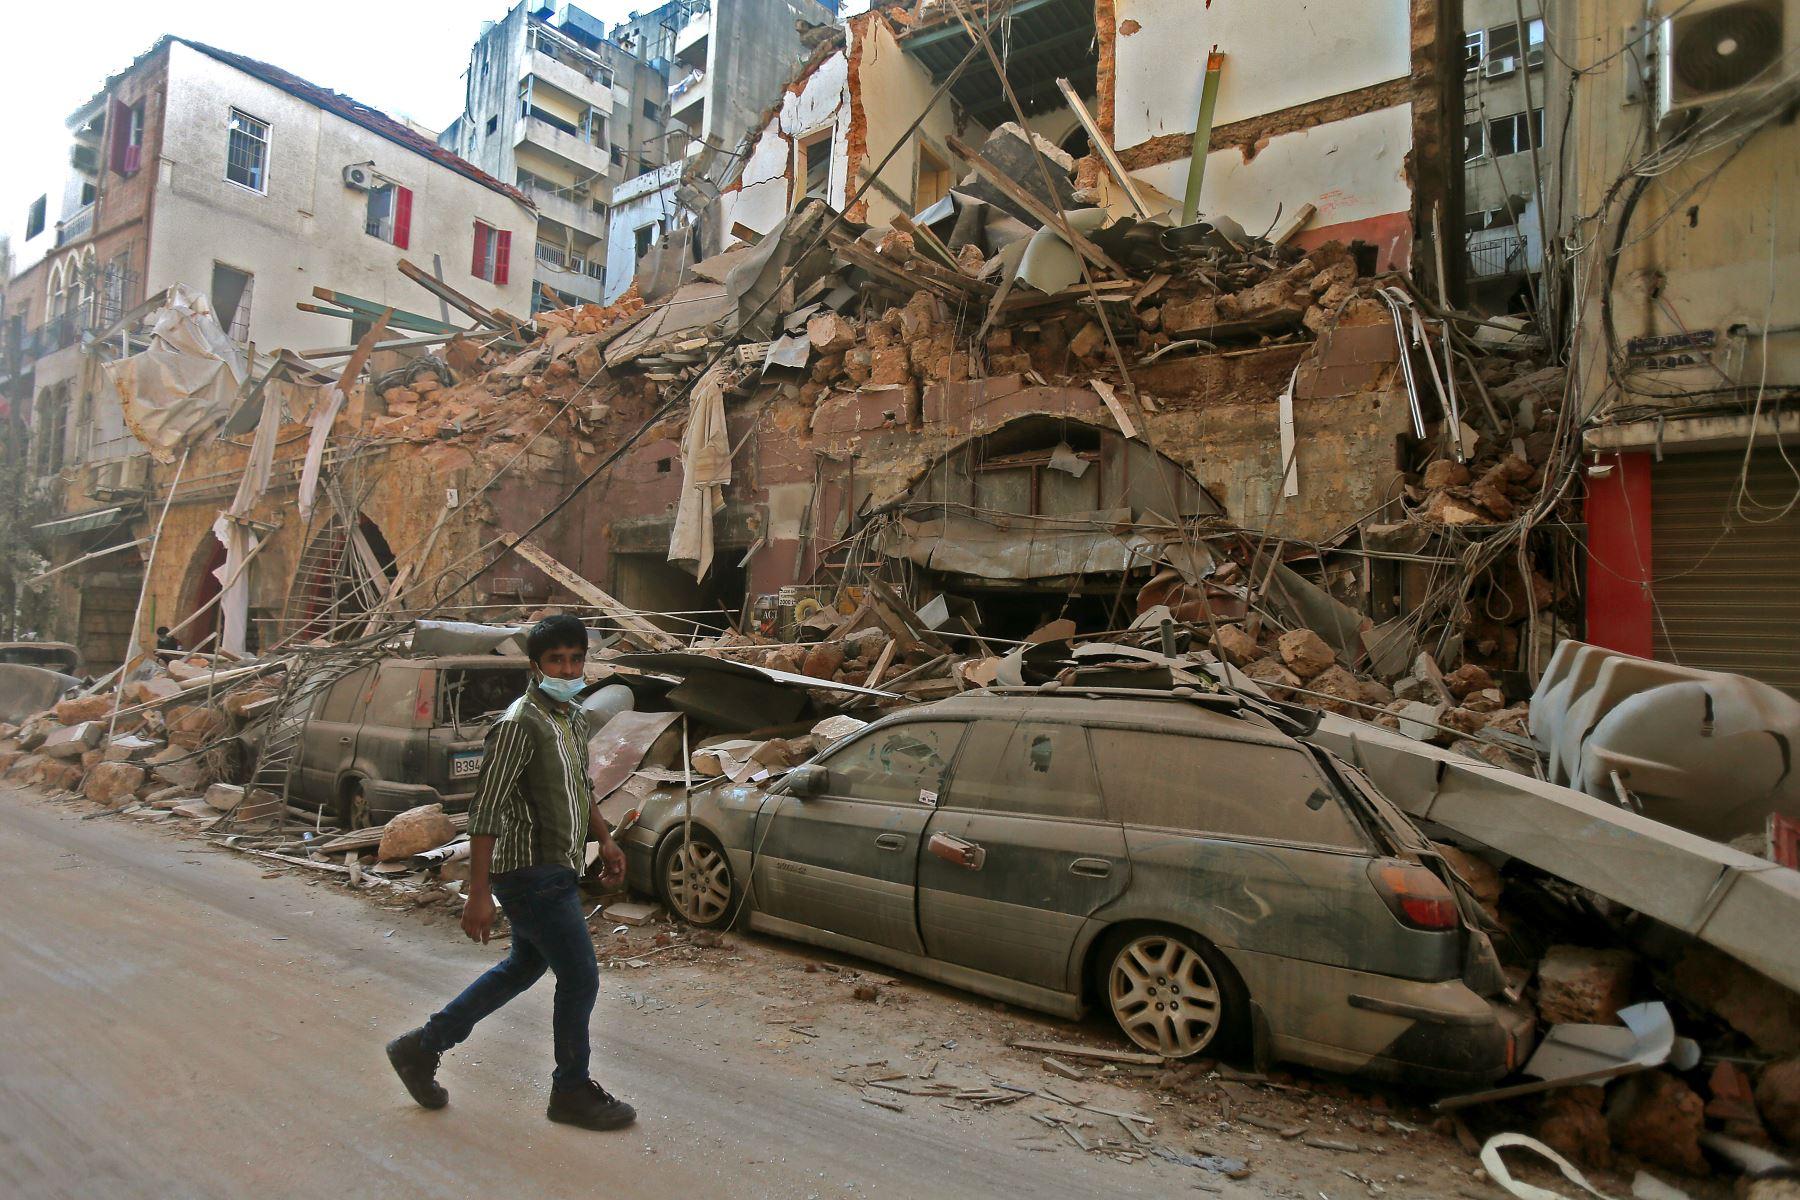 Una imagen muestra las secuelas de una explosión que arrasó la capital del Líbano, en Beirut. Los rescatistas continúan buscando sobrevivientes. Foto: AFP